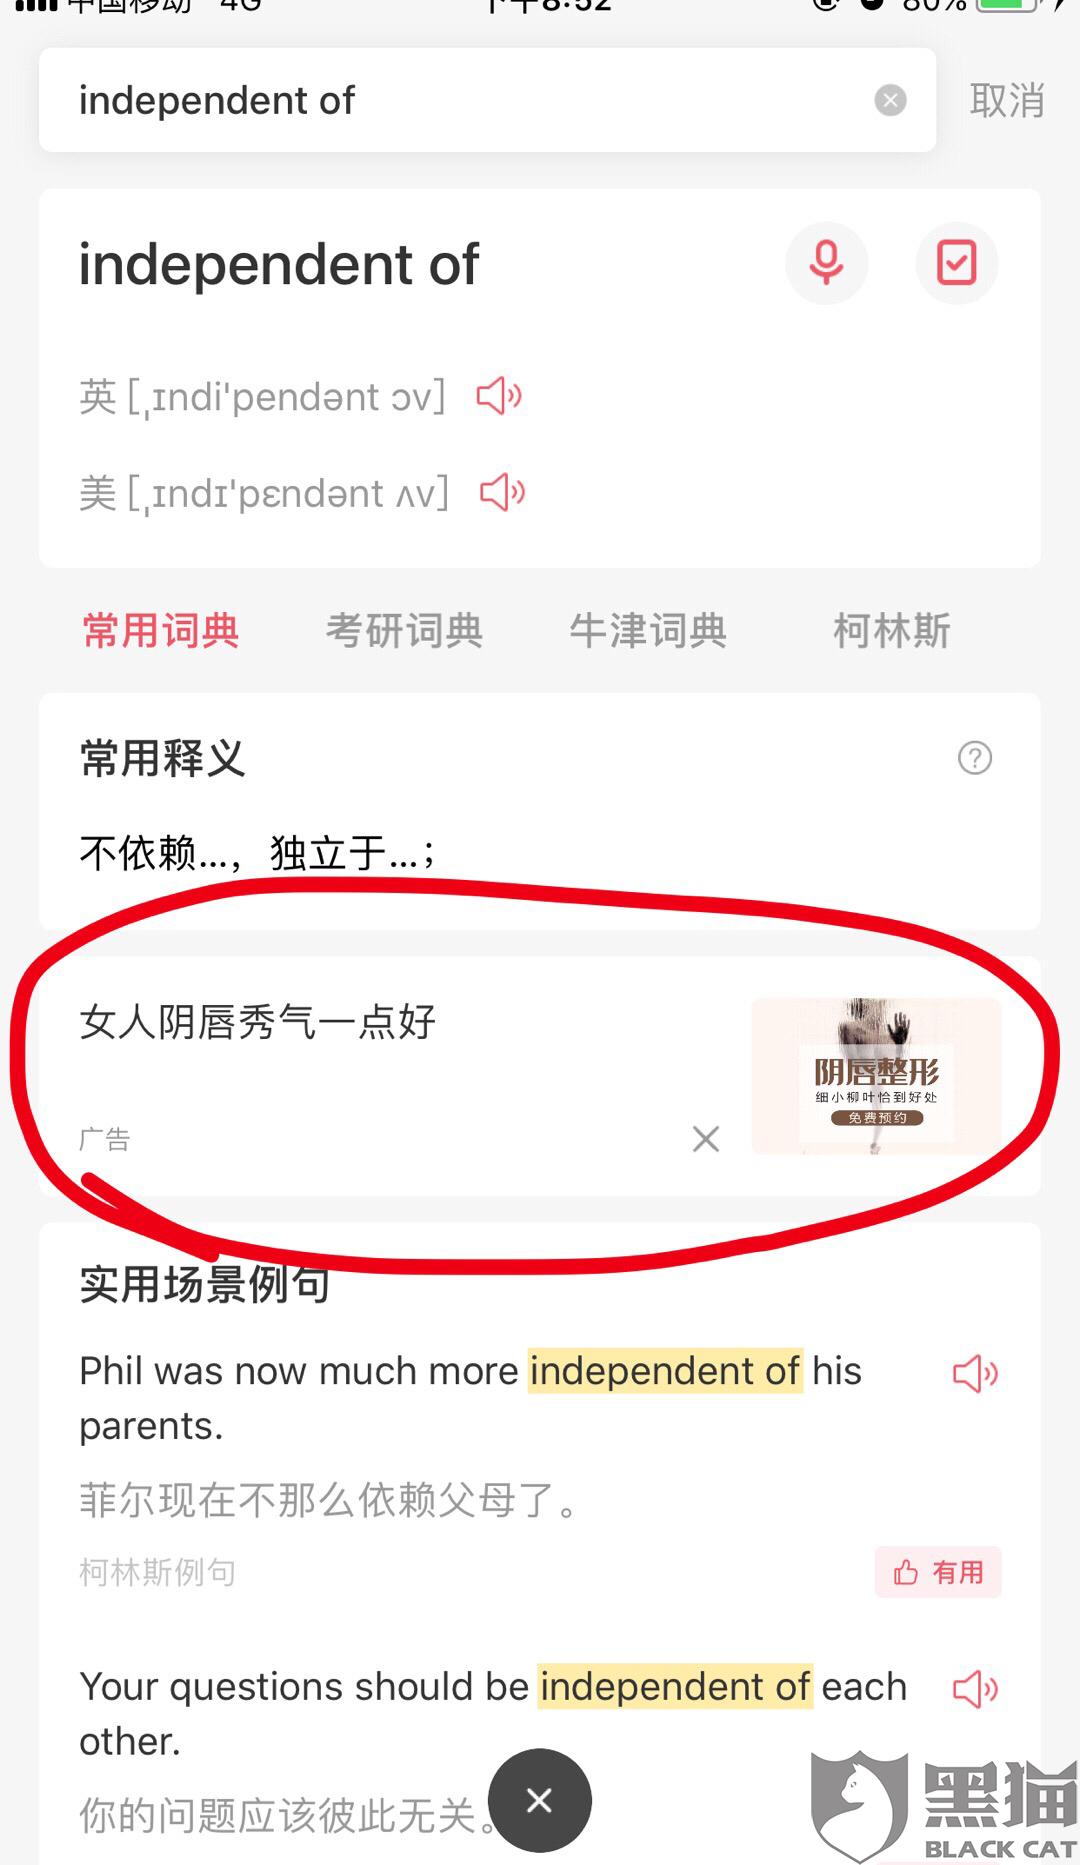 黑猫投诉:金山词霸app广告涉及淫秽色情